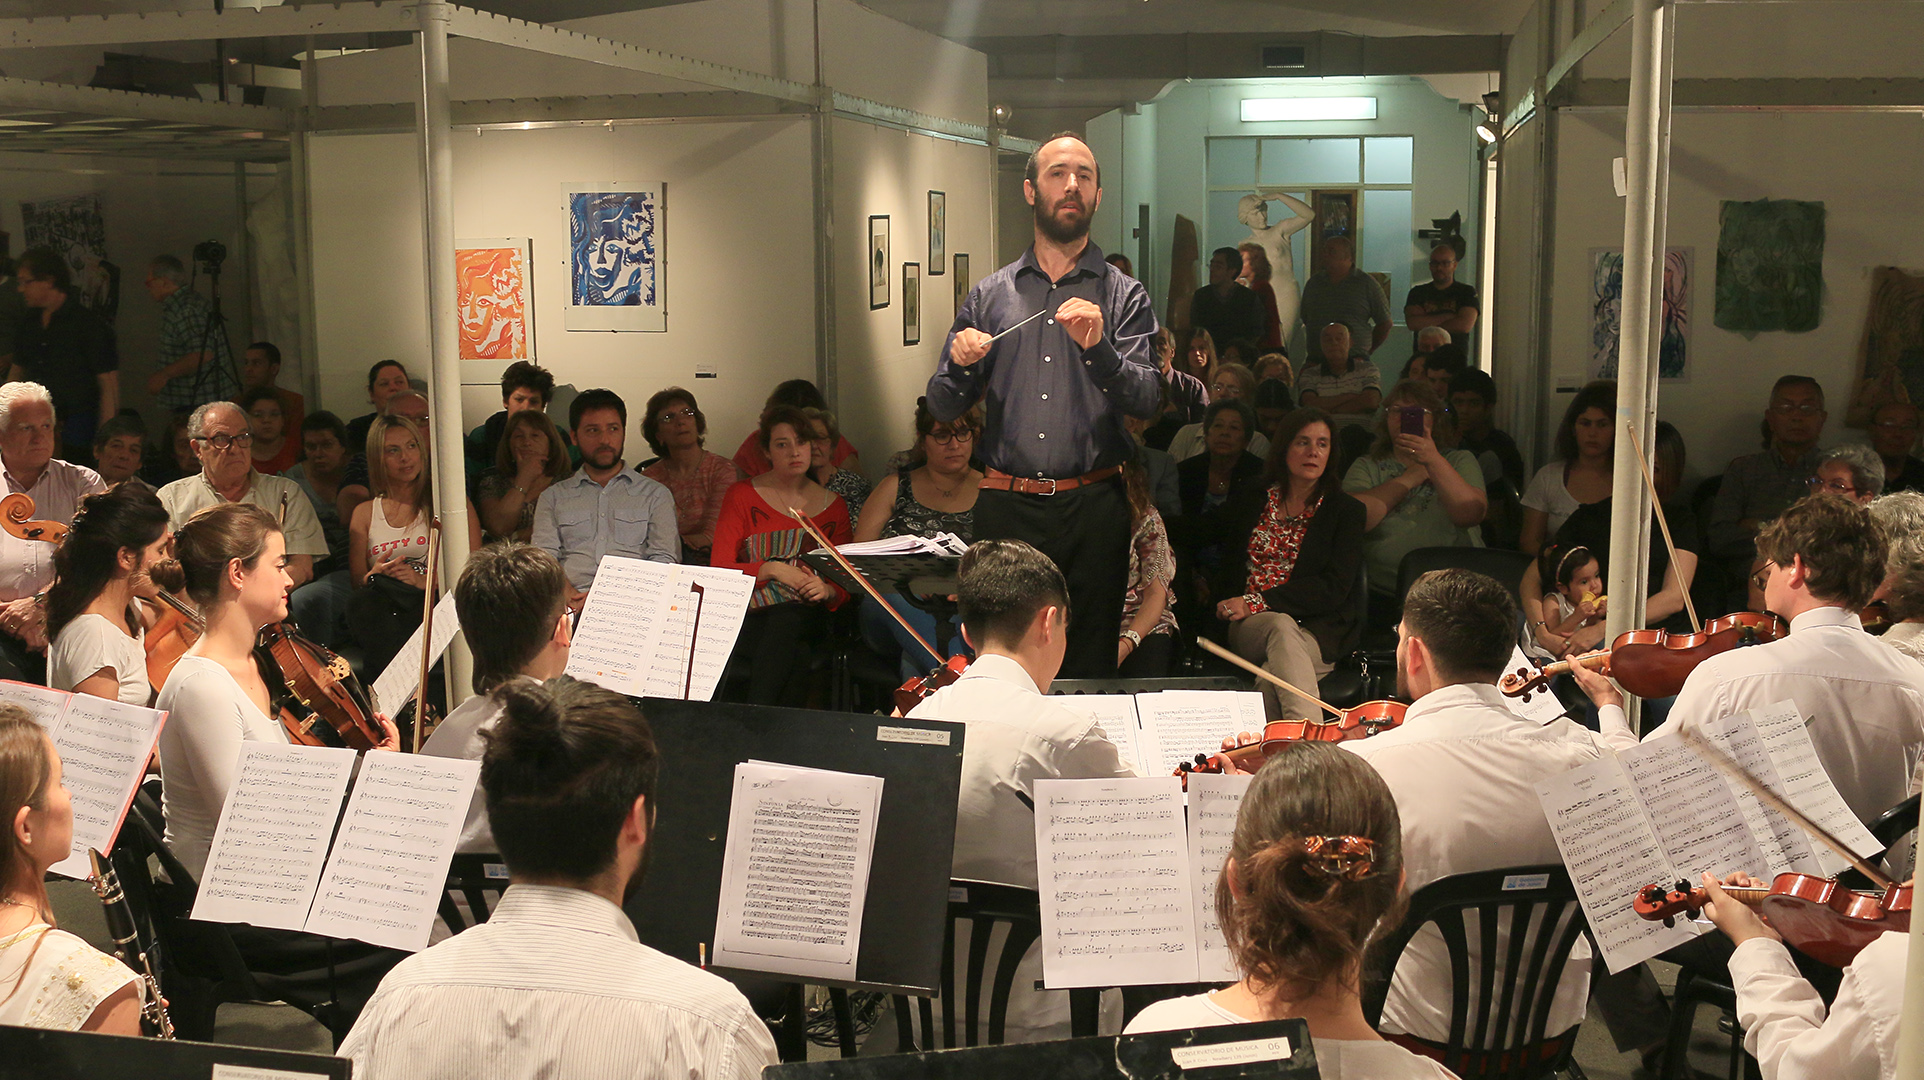 En la imagen se observa a integrantes de la orquesta académica y del público en plena presentación.